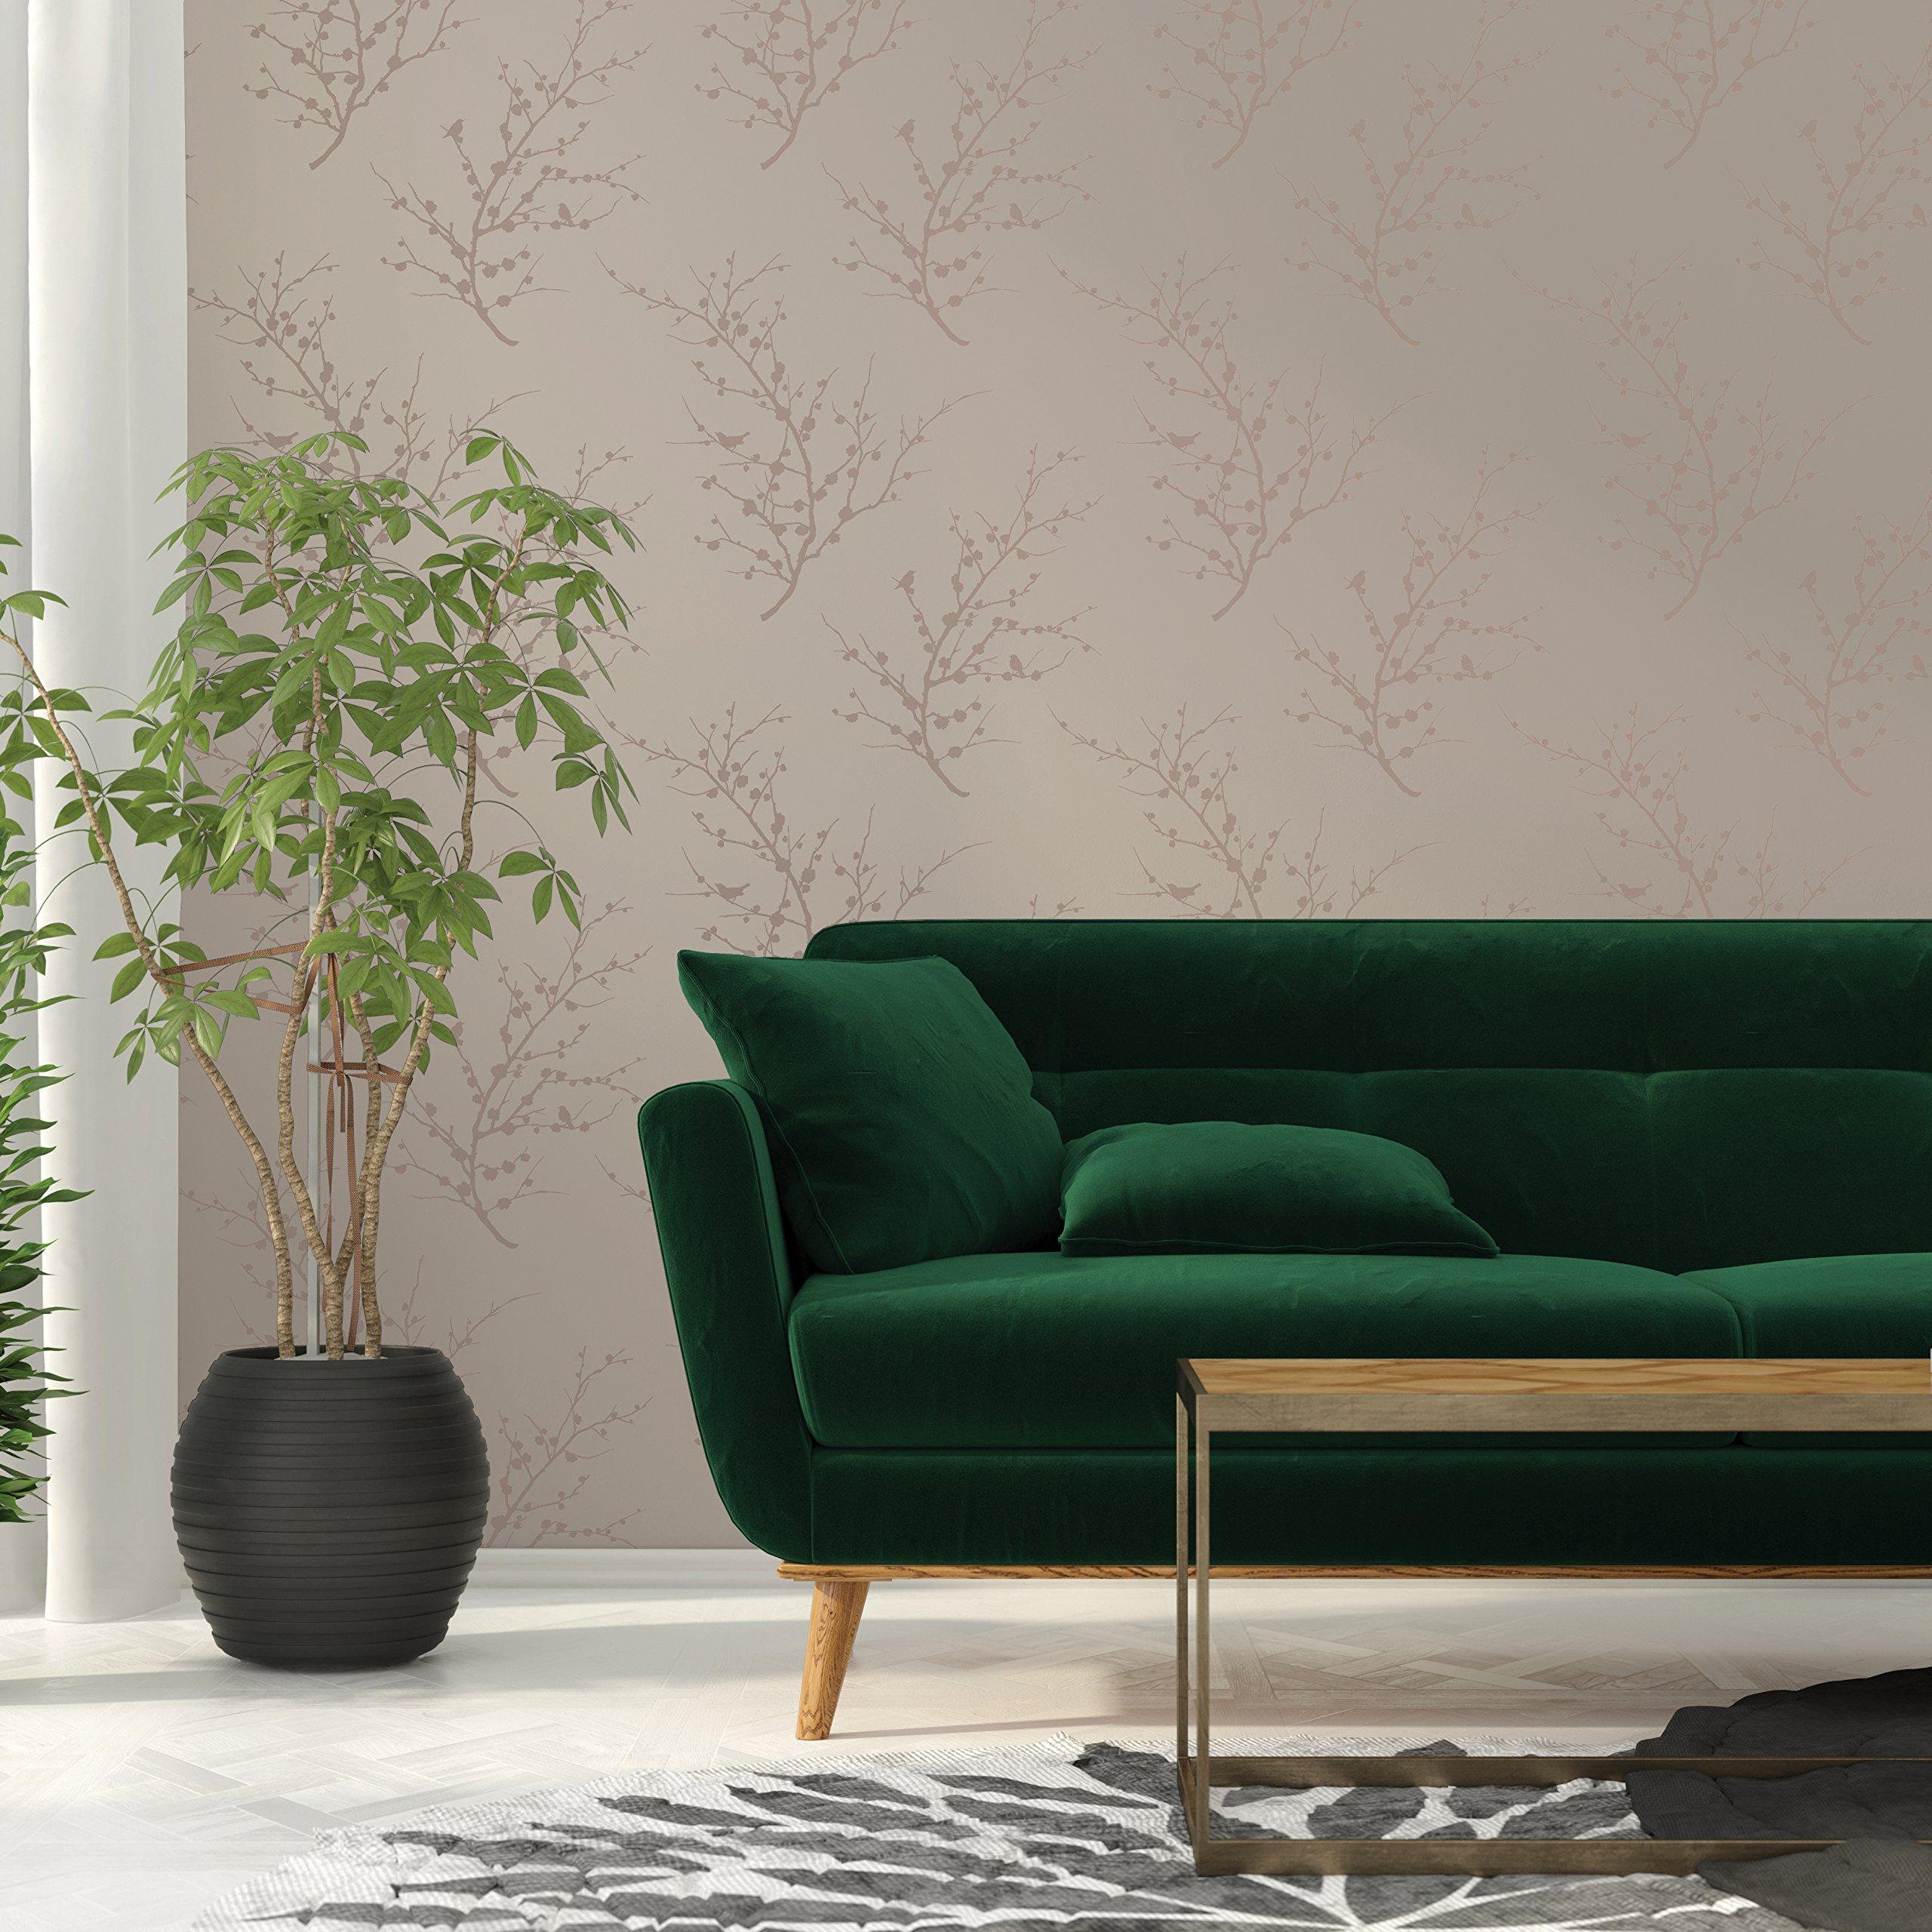 Tempaper Designs Edie Self-Adhesive Temporary Wallpaper, Bronze, 20.5'' x 33'